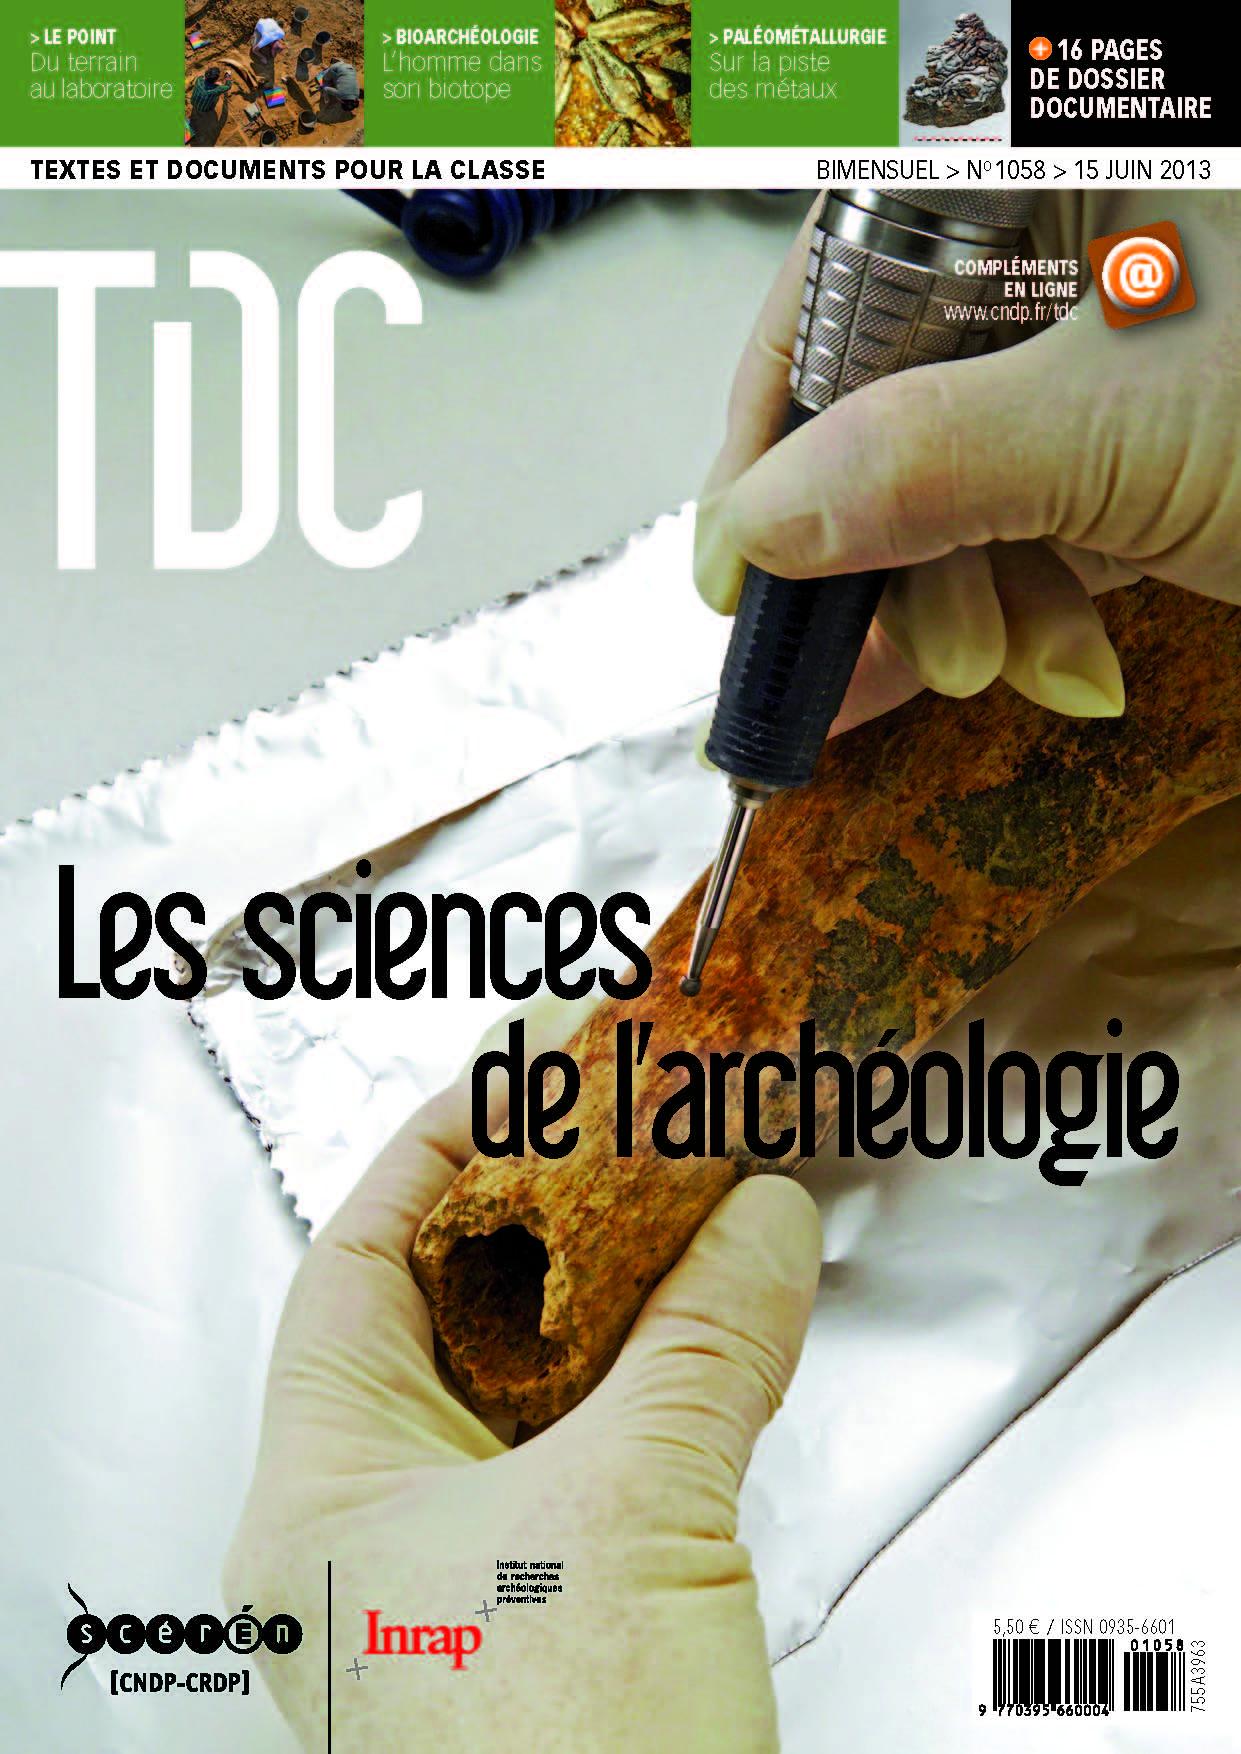 Textes et documents pour la classe n° 1058 - Les sciences de l'archéologie